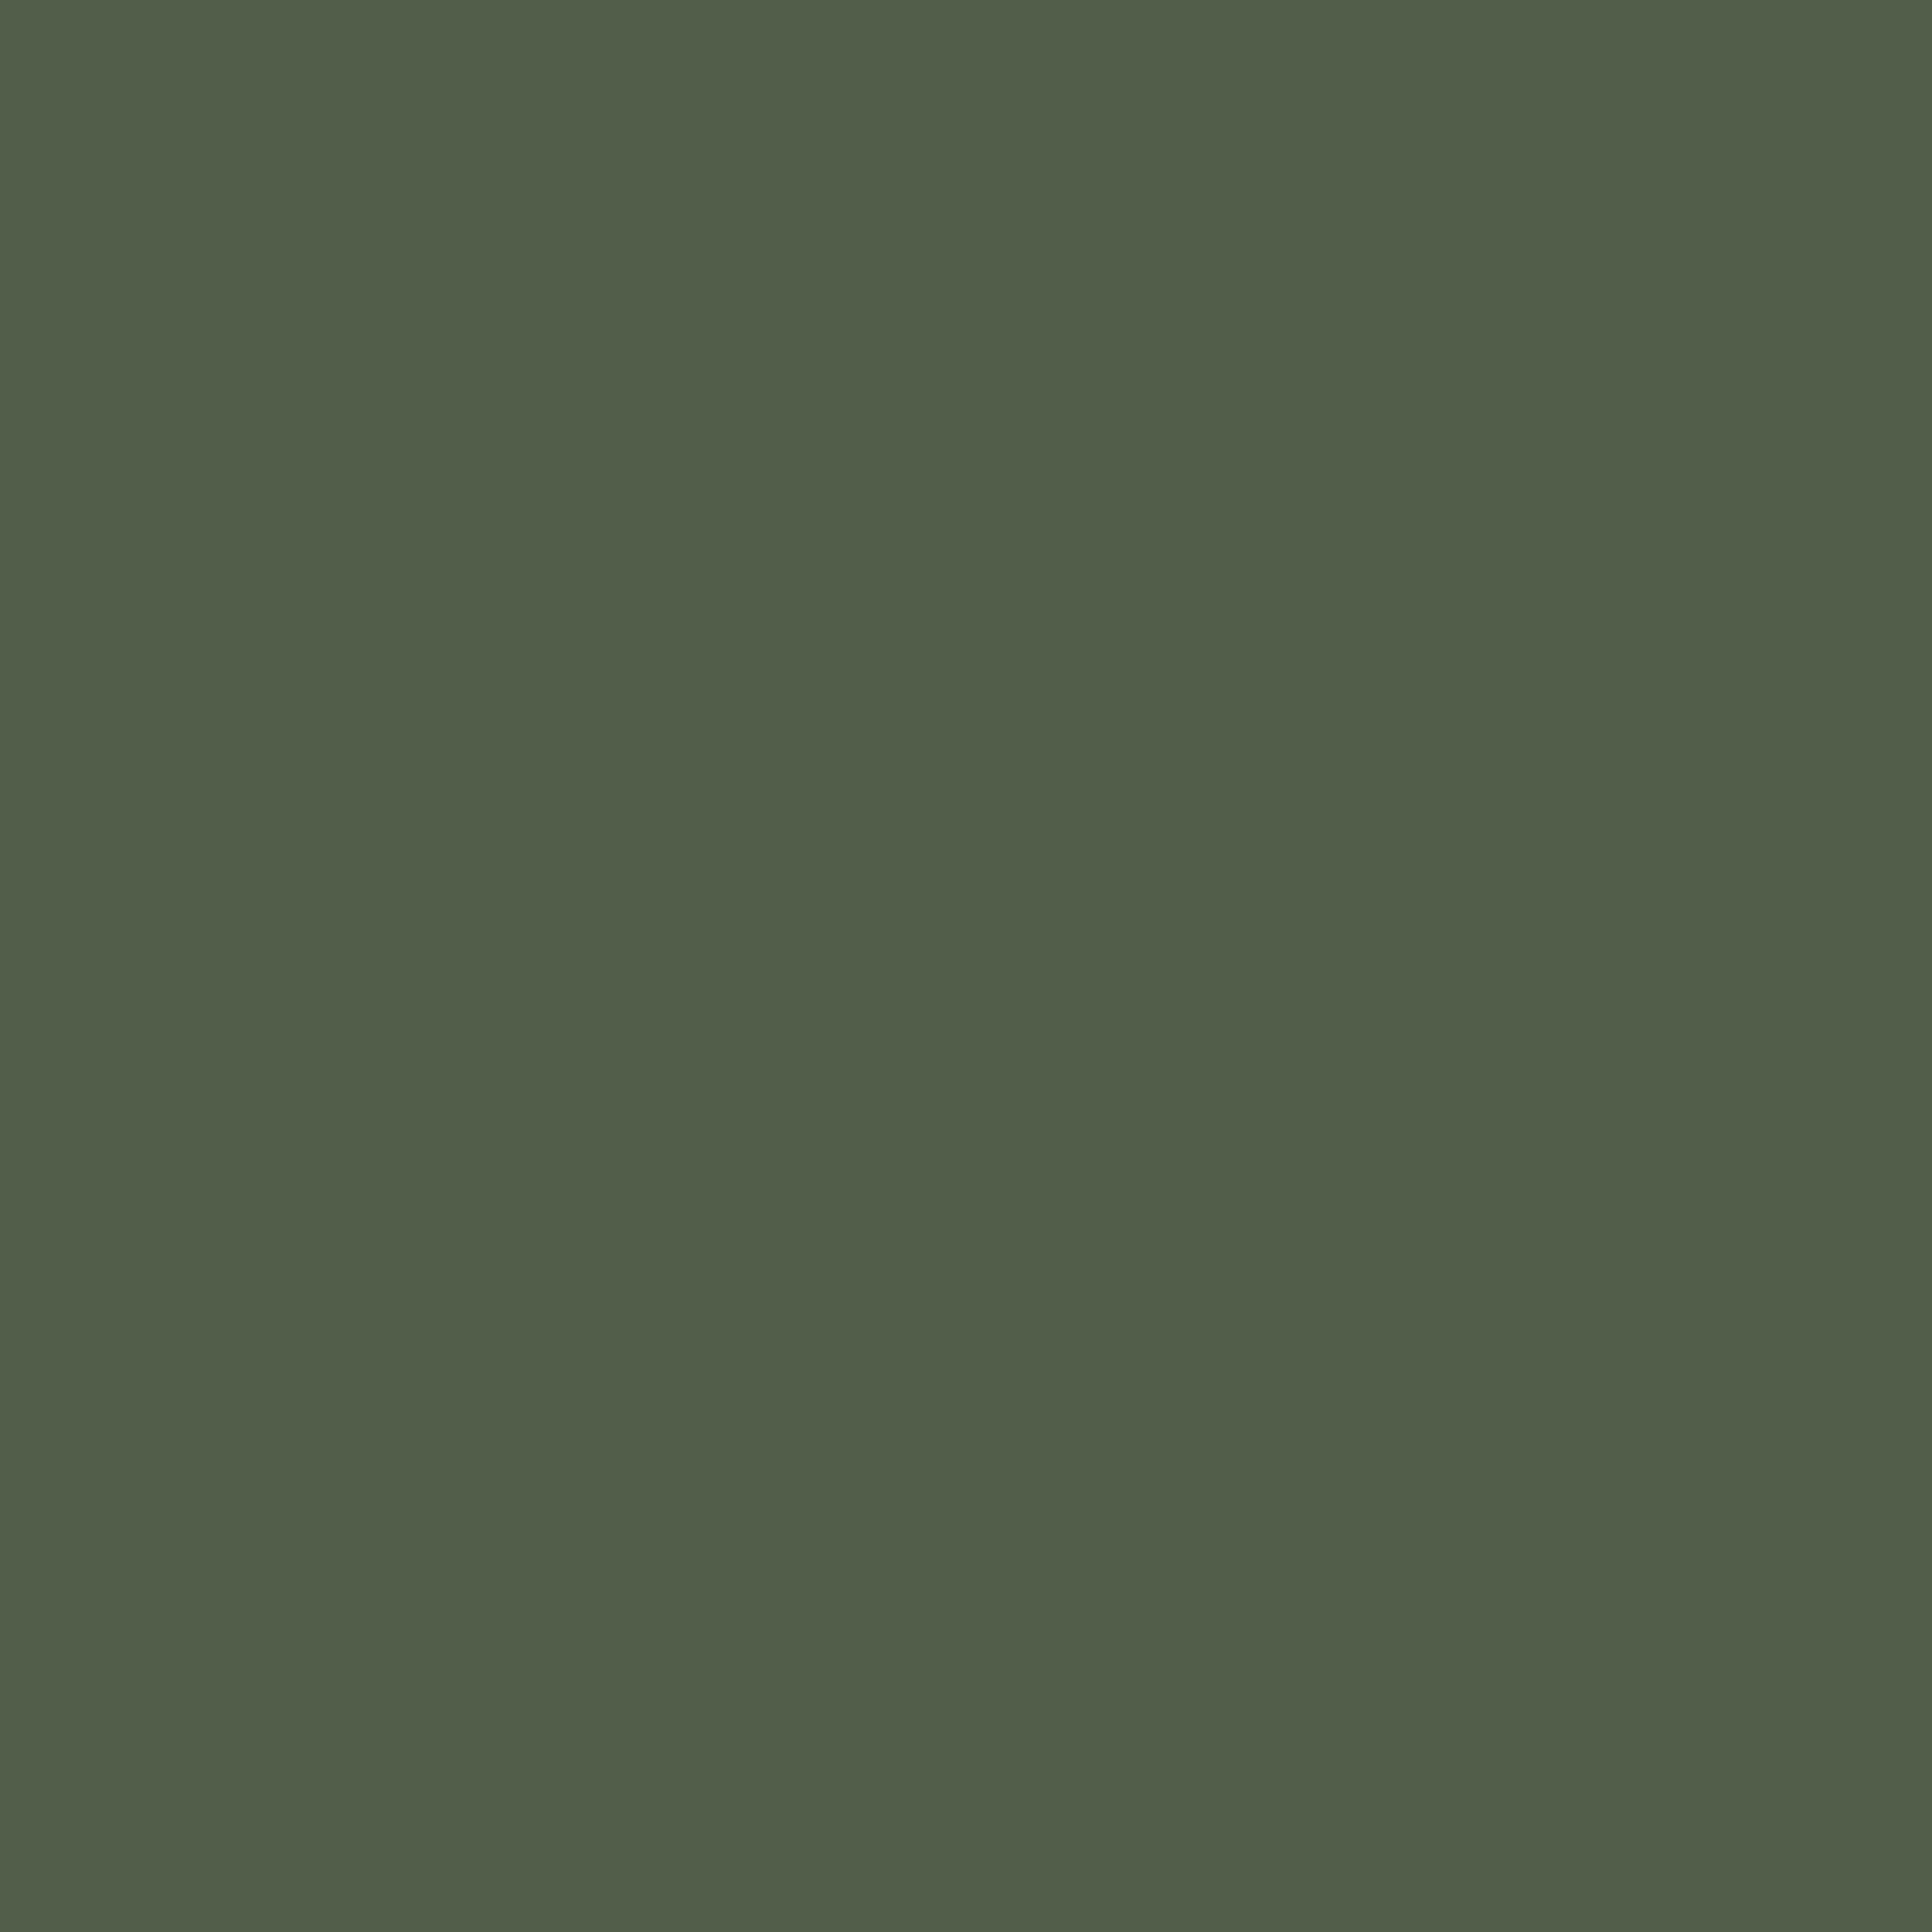 Neoprene Verde Musgo